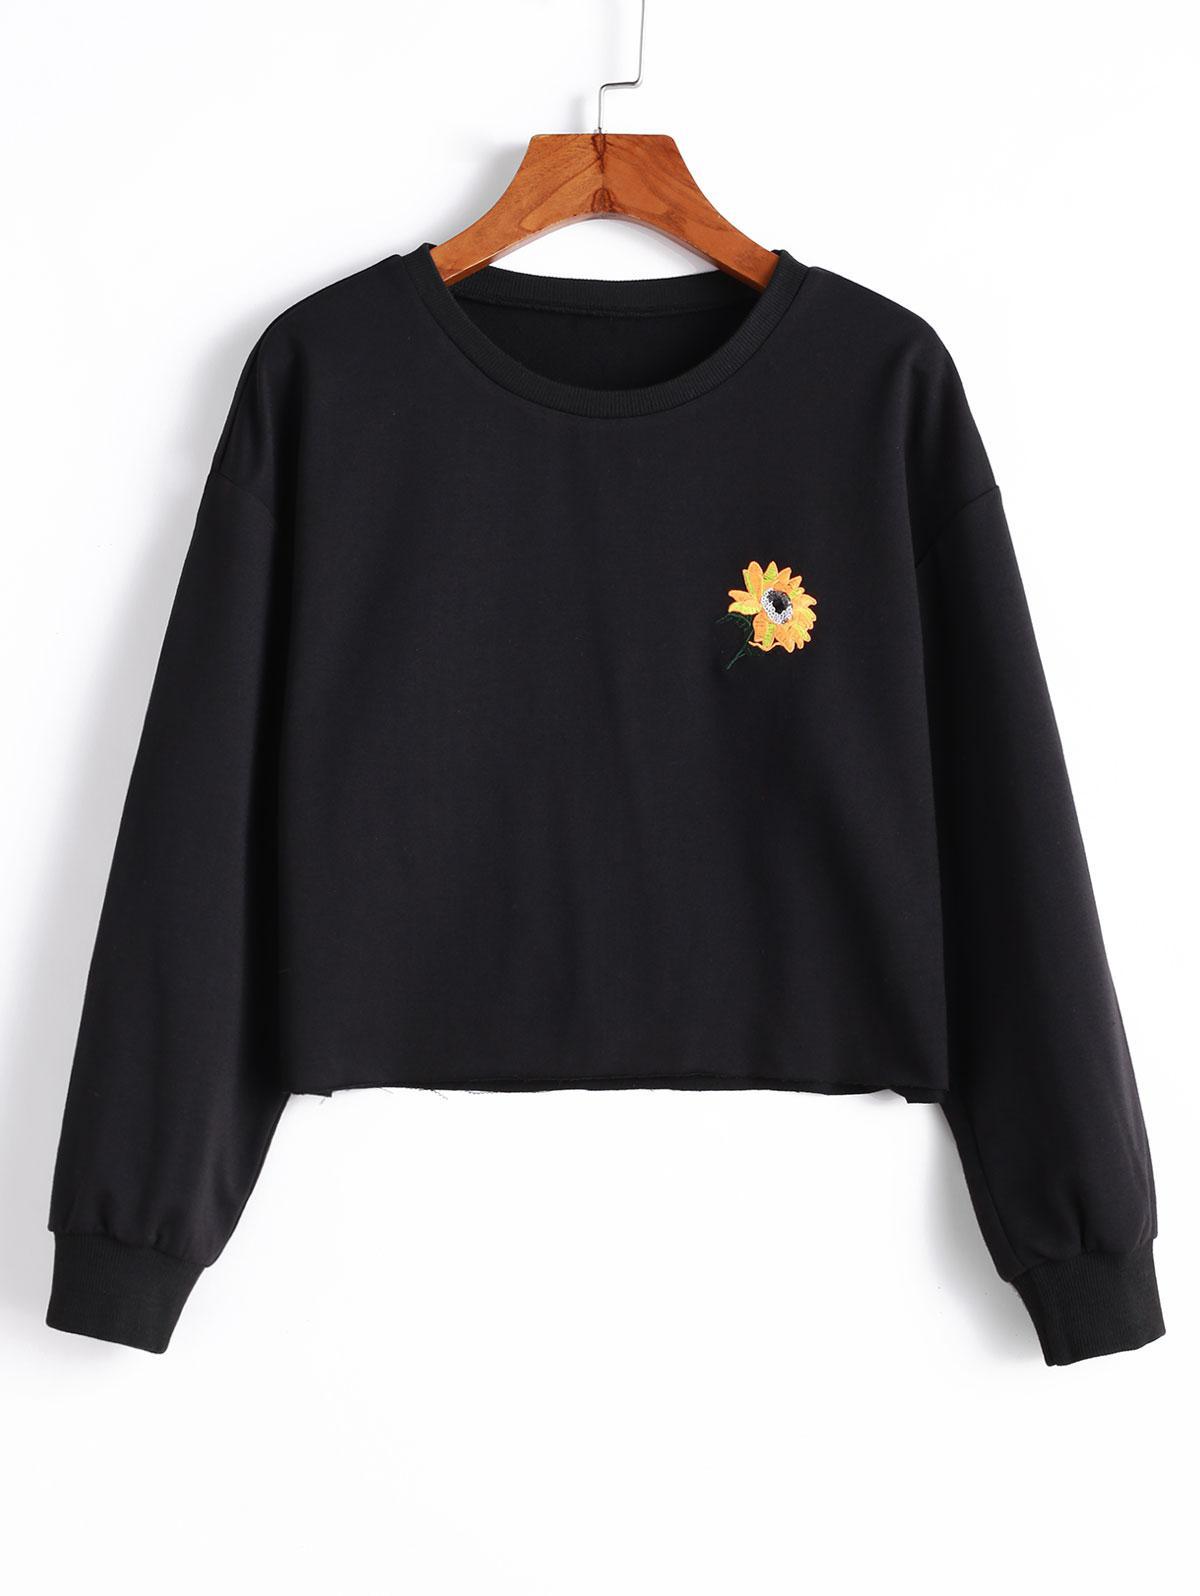 ZAFUL Sequined Flower Embroidered Drop Shoulder Sweatshirt, Black